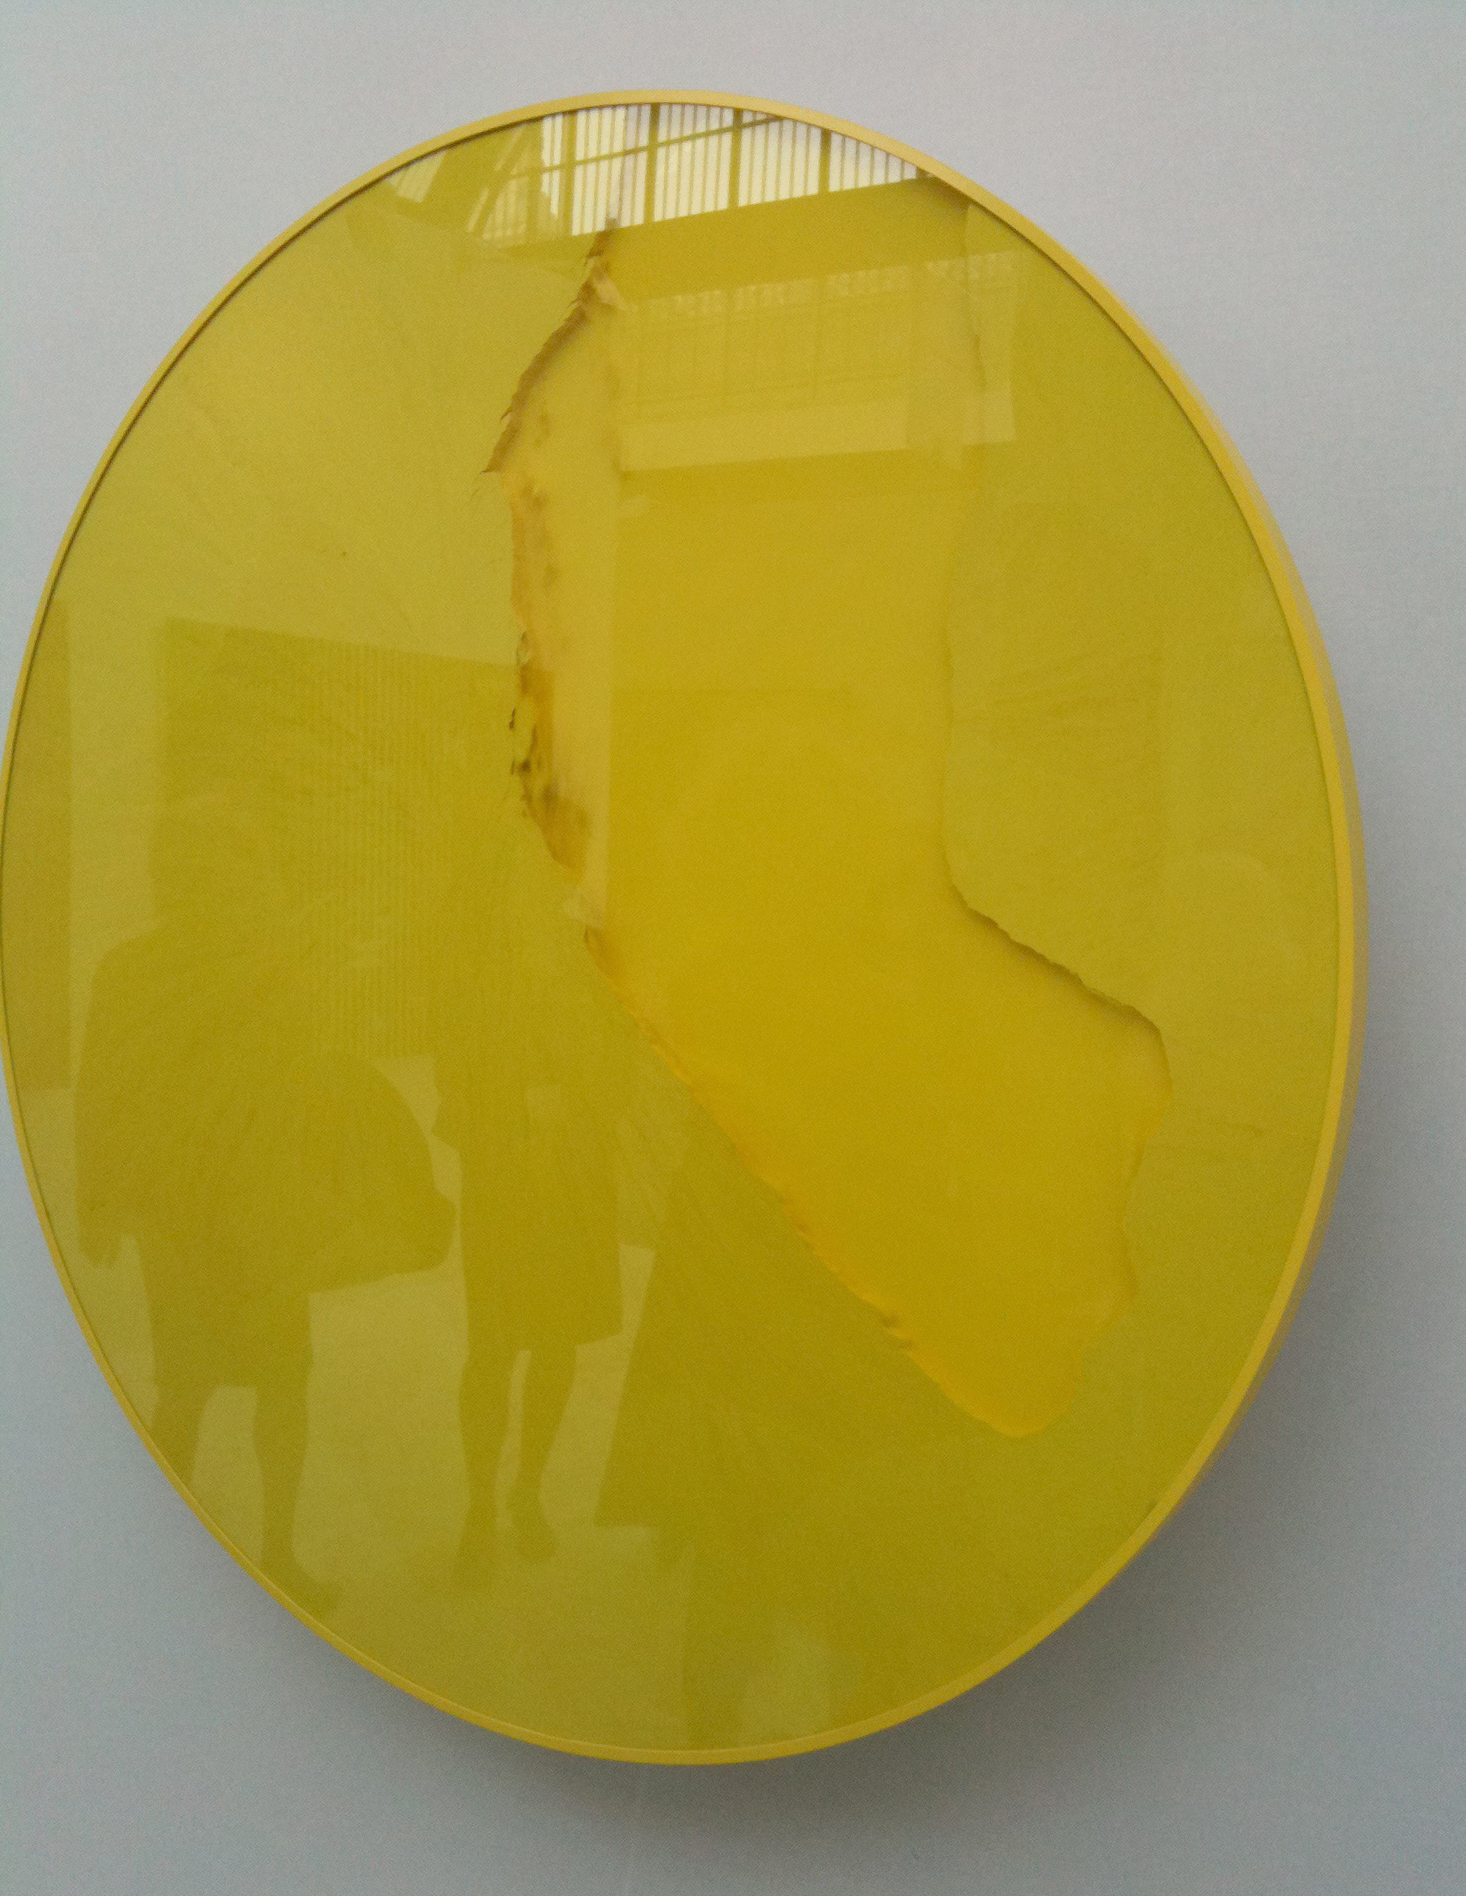 Cercle jaune citron